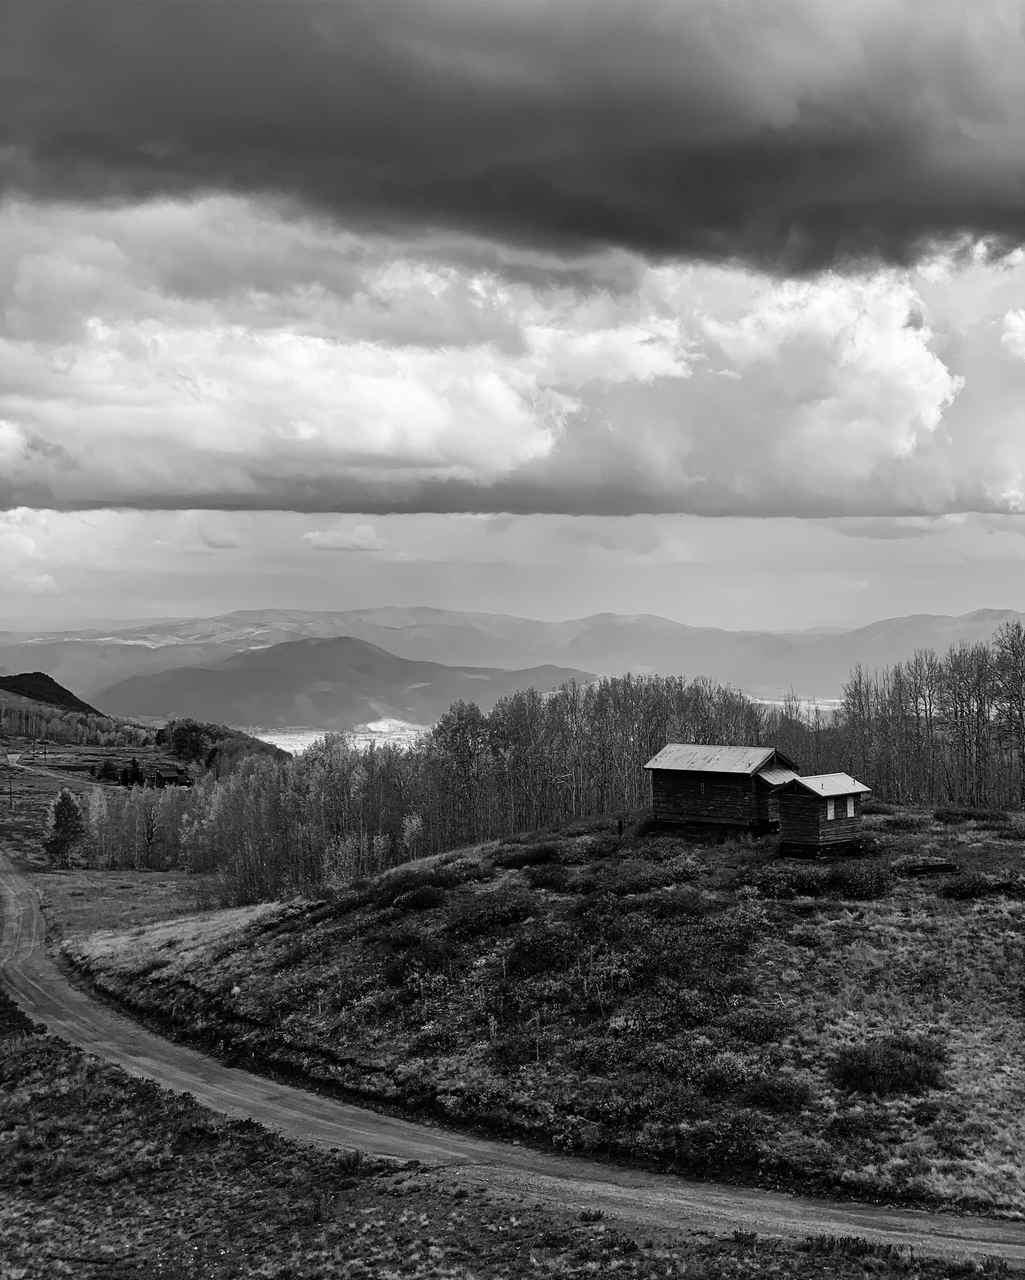 Paisagem a preto e branco. Foto de Bernard Antolin Apple